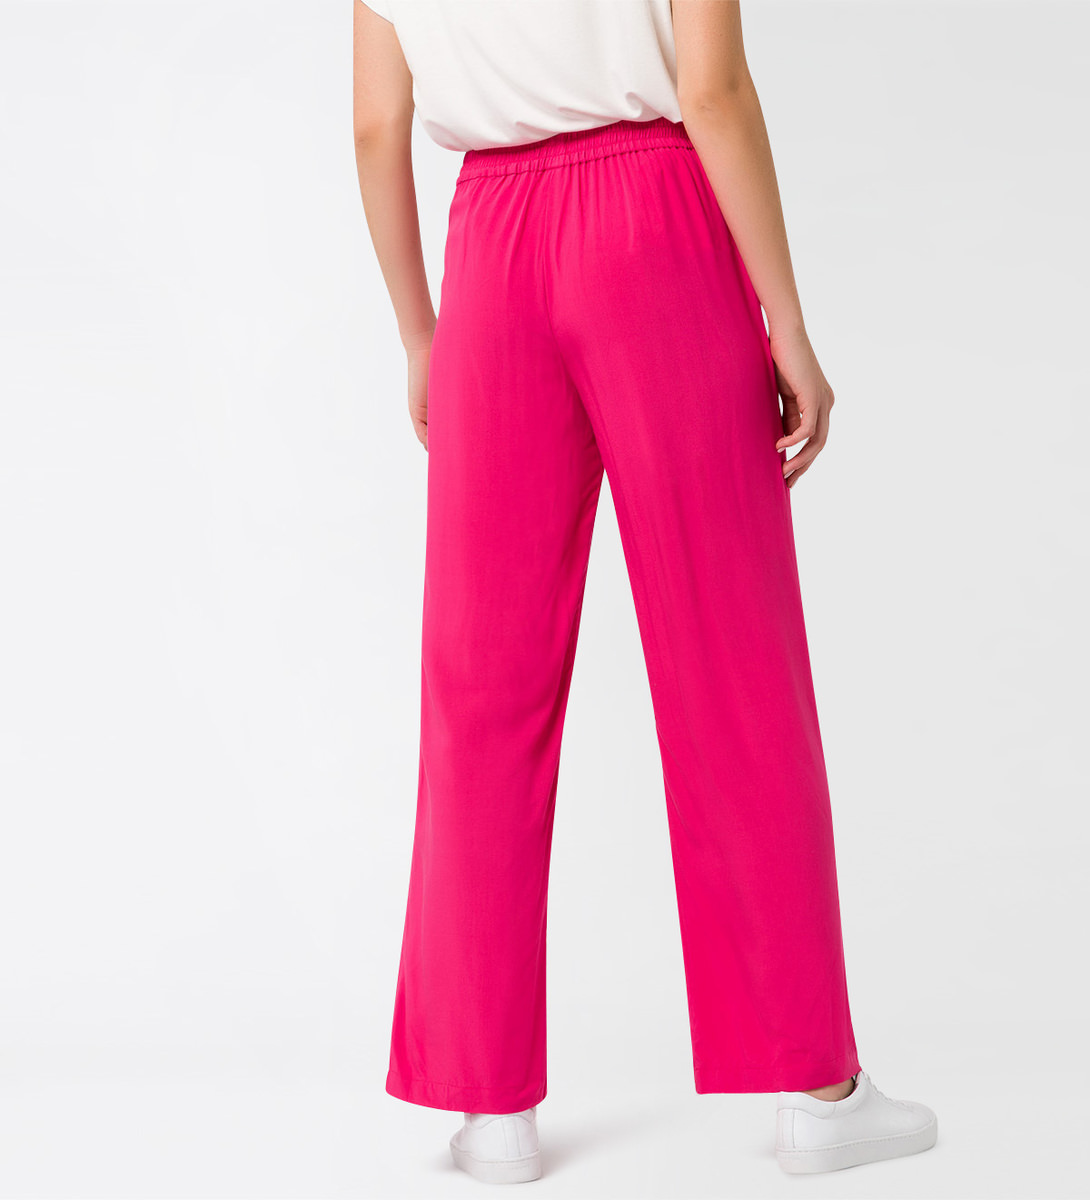 Hose mit weitem Schnitt in bright pink